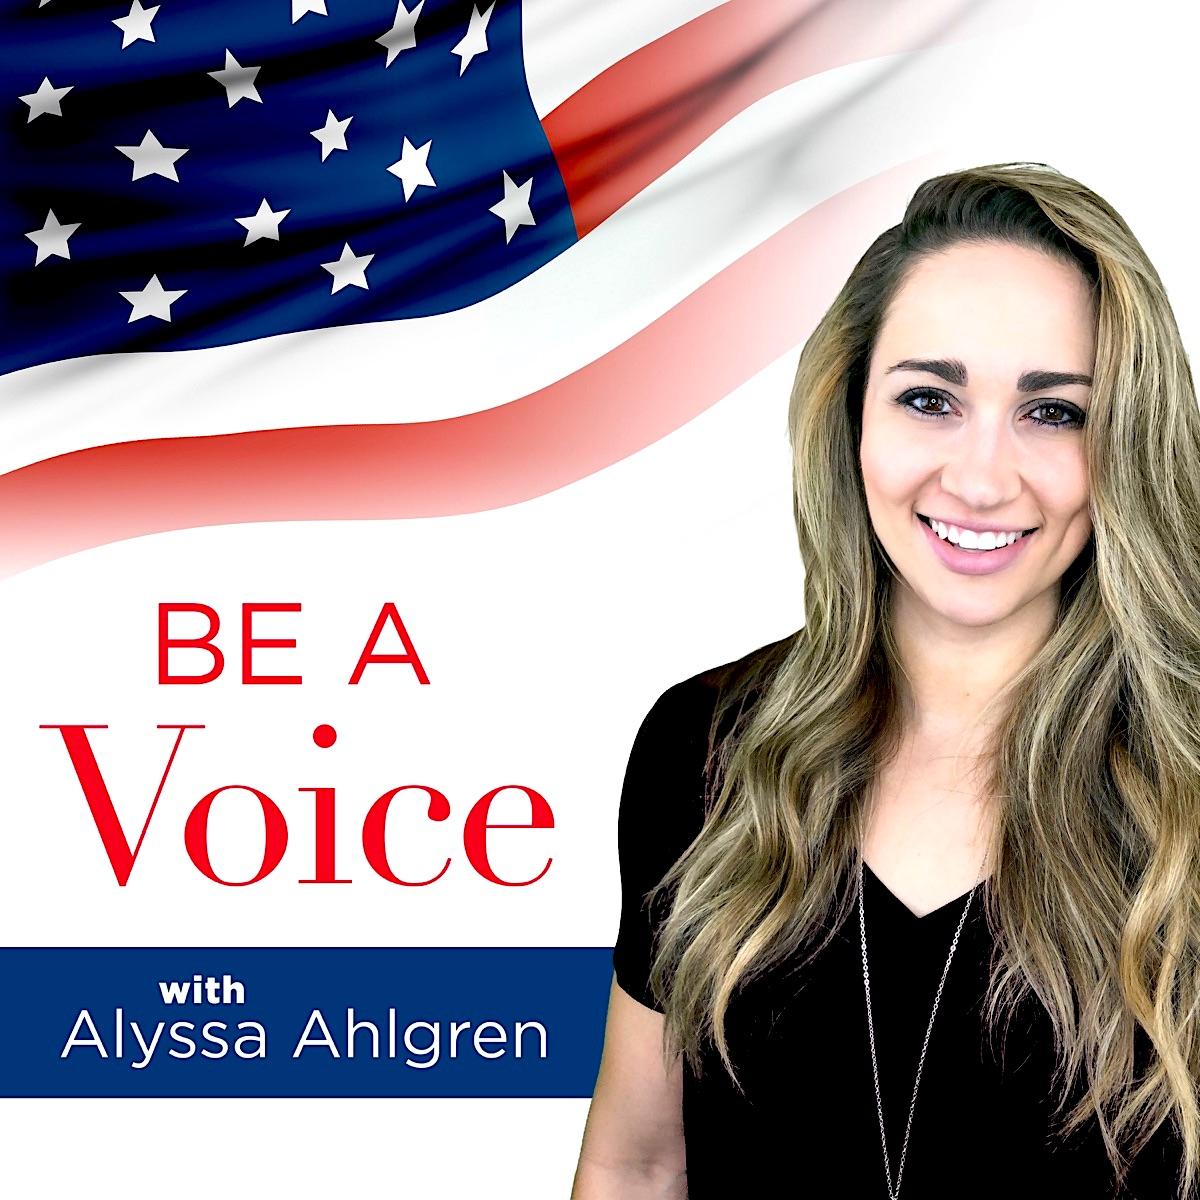 Alyssa Ahlgren